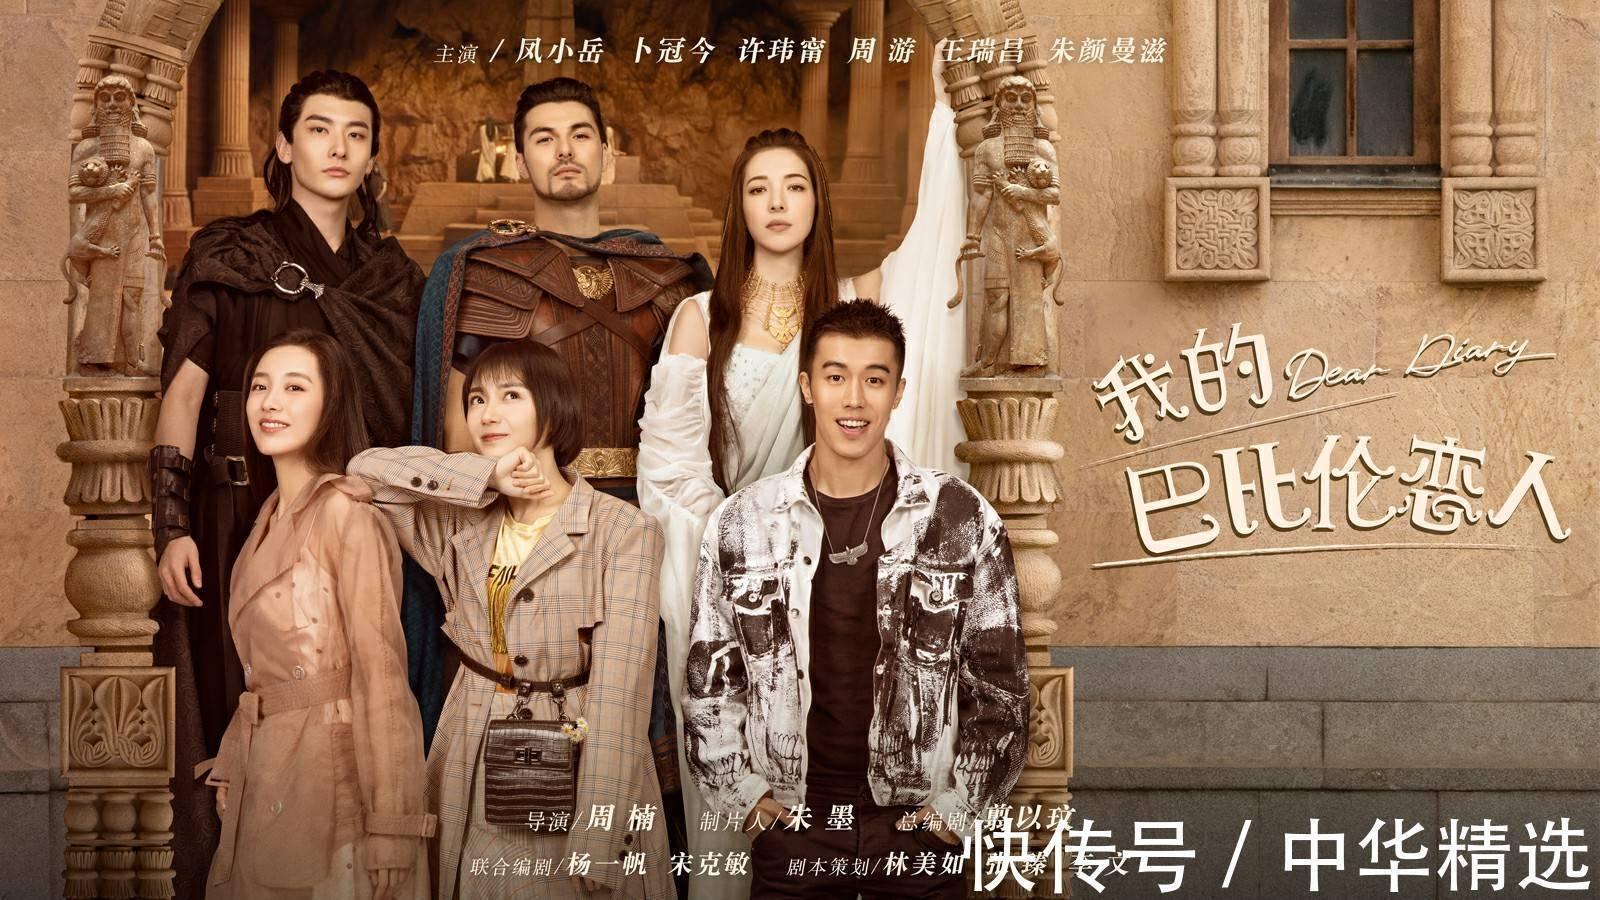 《我的巴比伦恋人》全集电视剧百度云网盘(HD1080p)高清国语